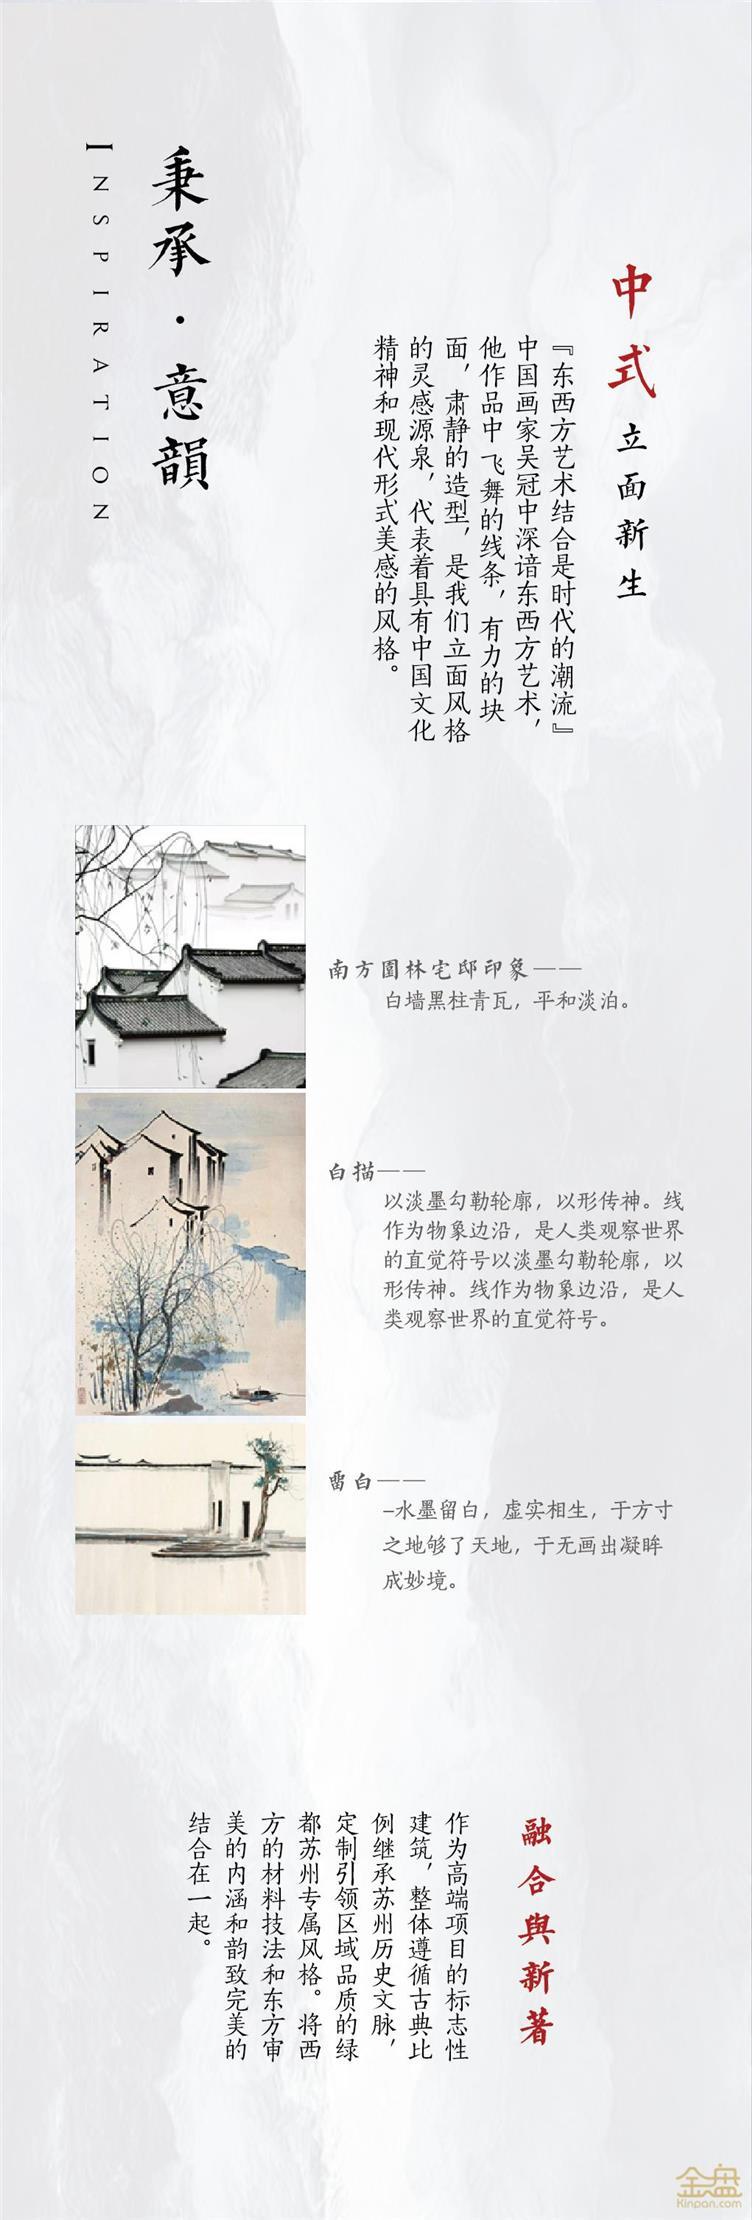 蘇州綠都蘇和雅集金盤網-04.jpg